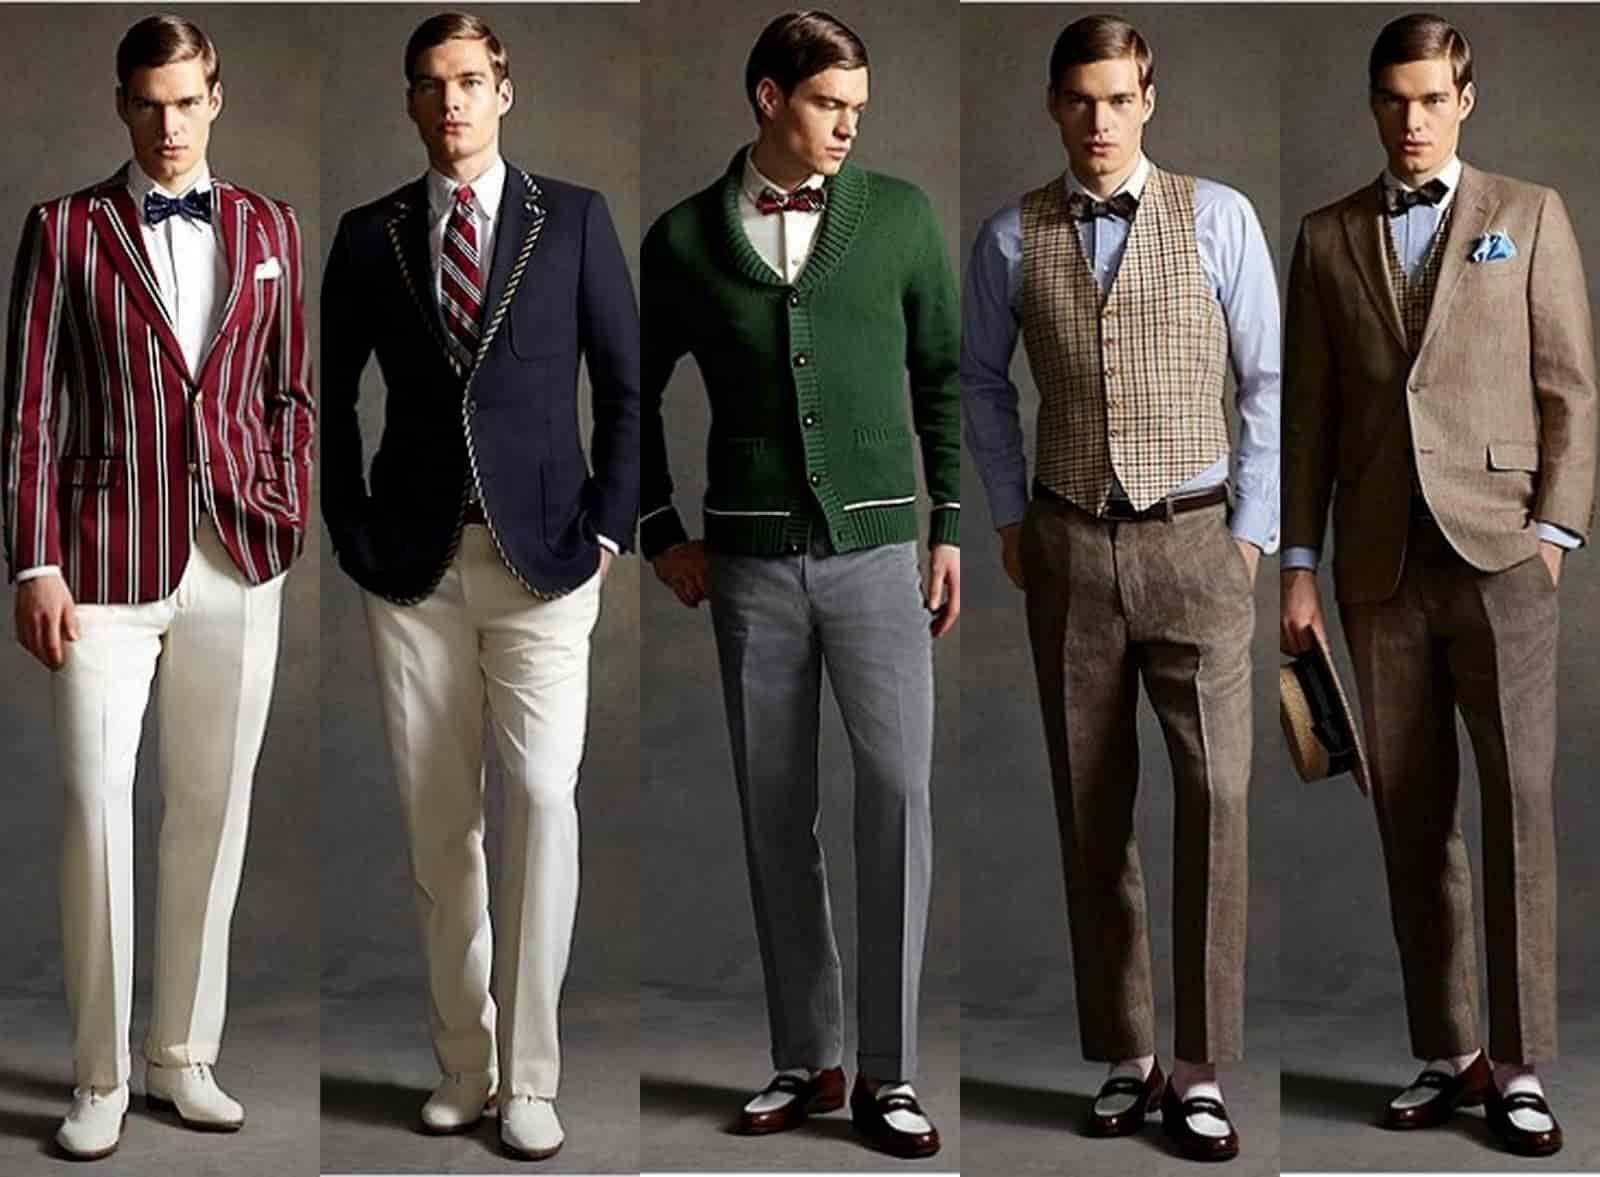 Мужской образ в стиле Гэтсби   111 в 2019 г.   Fashion, Mens fashion ... 1a1a02209c3